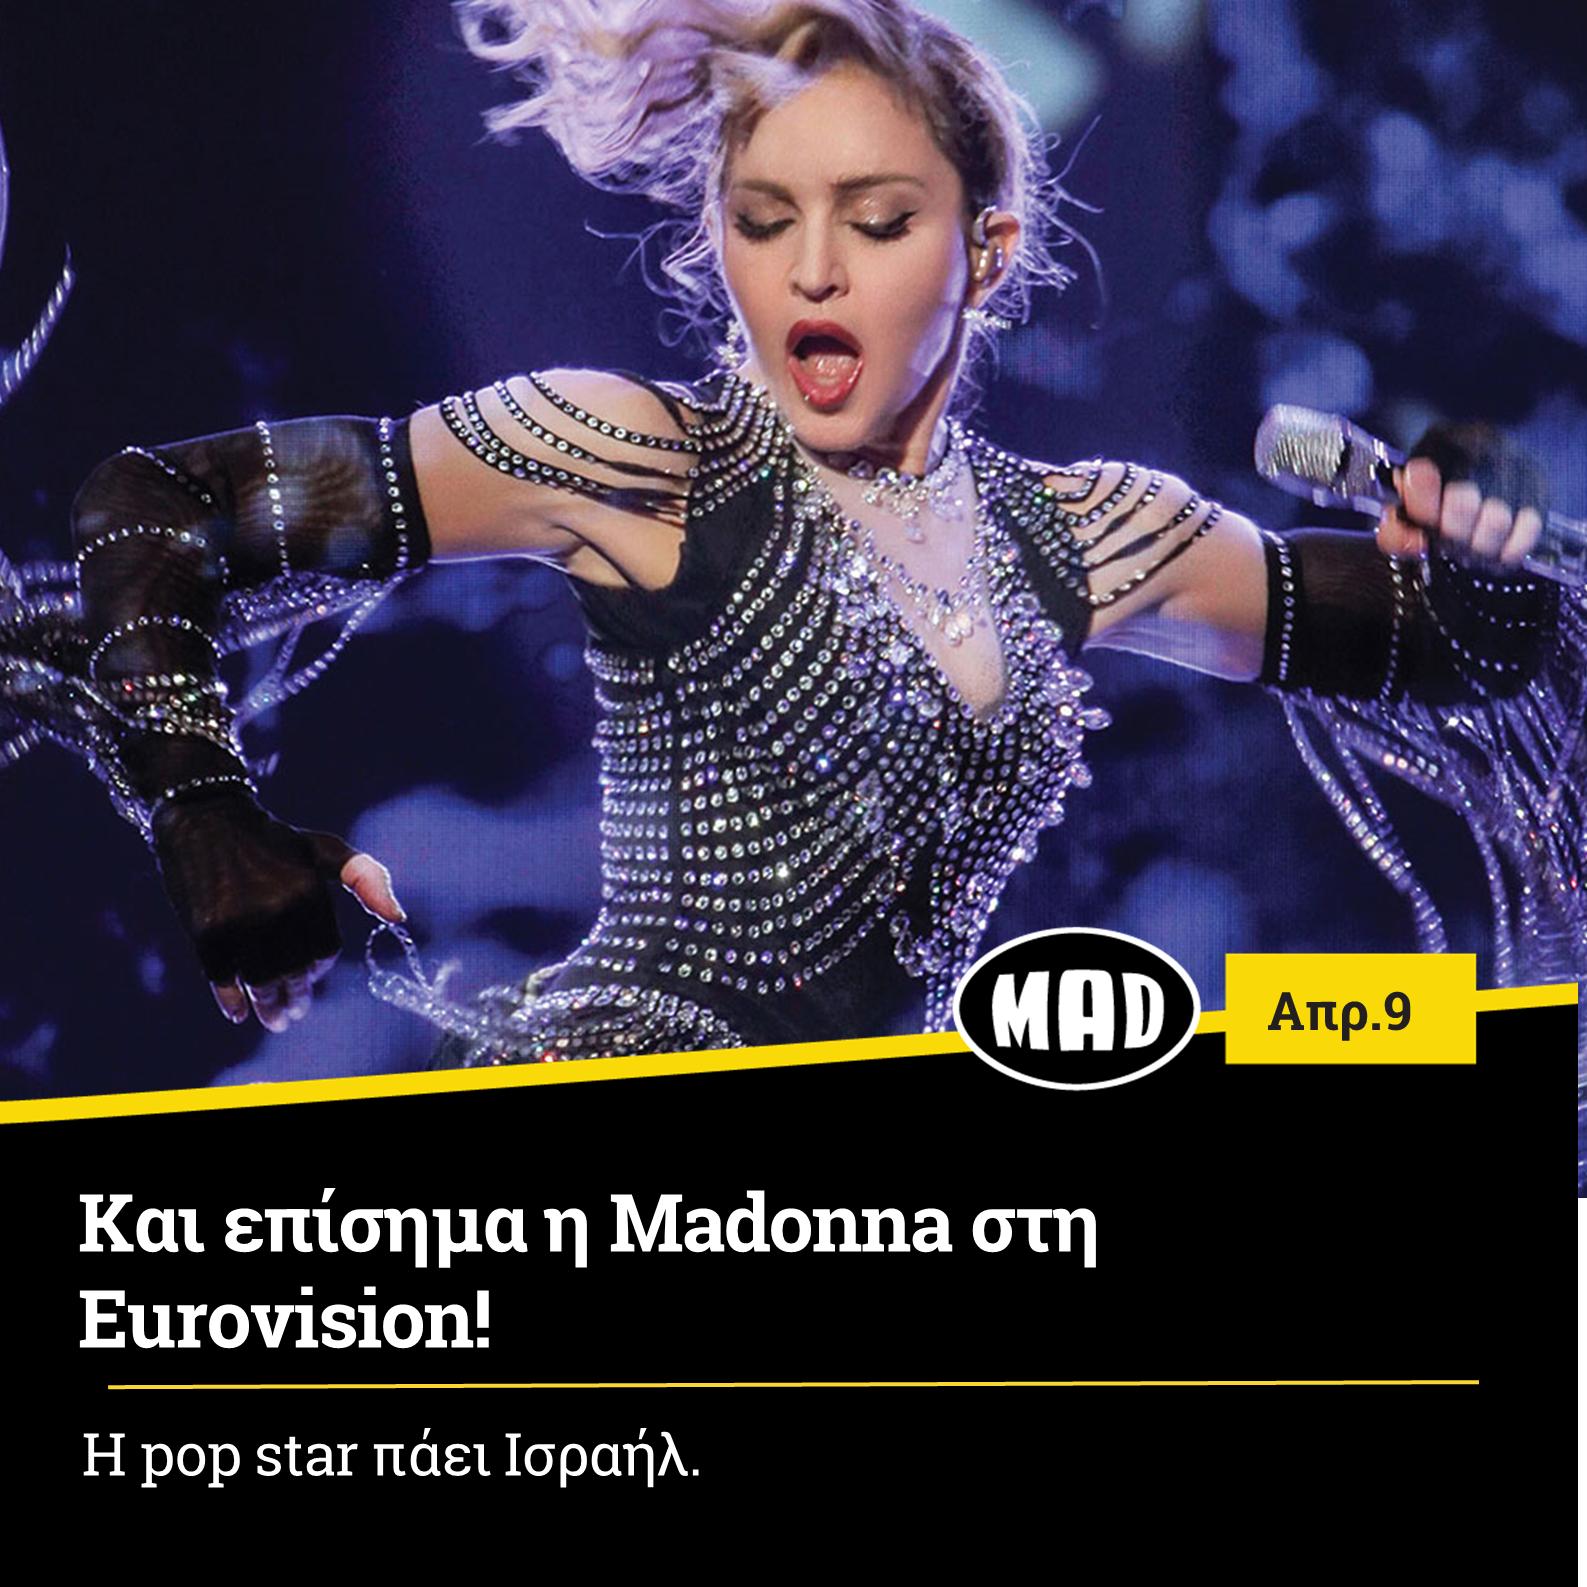 Και επίσημα η Madonna στη Eurovision!